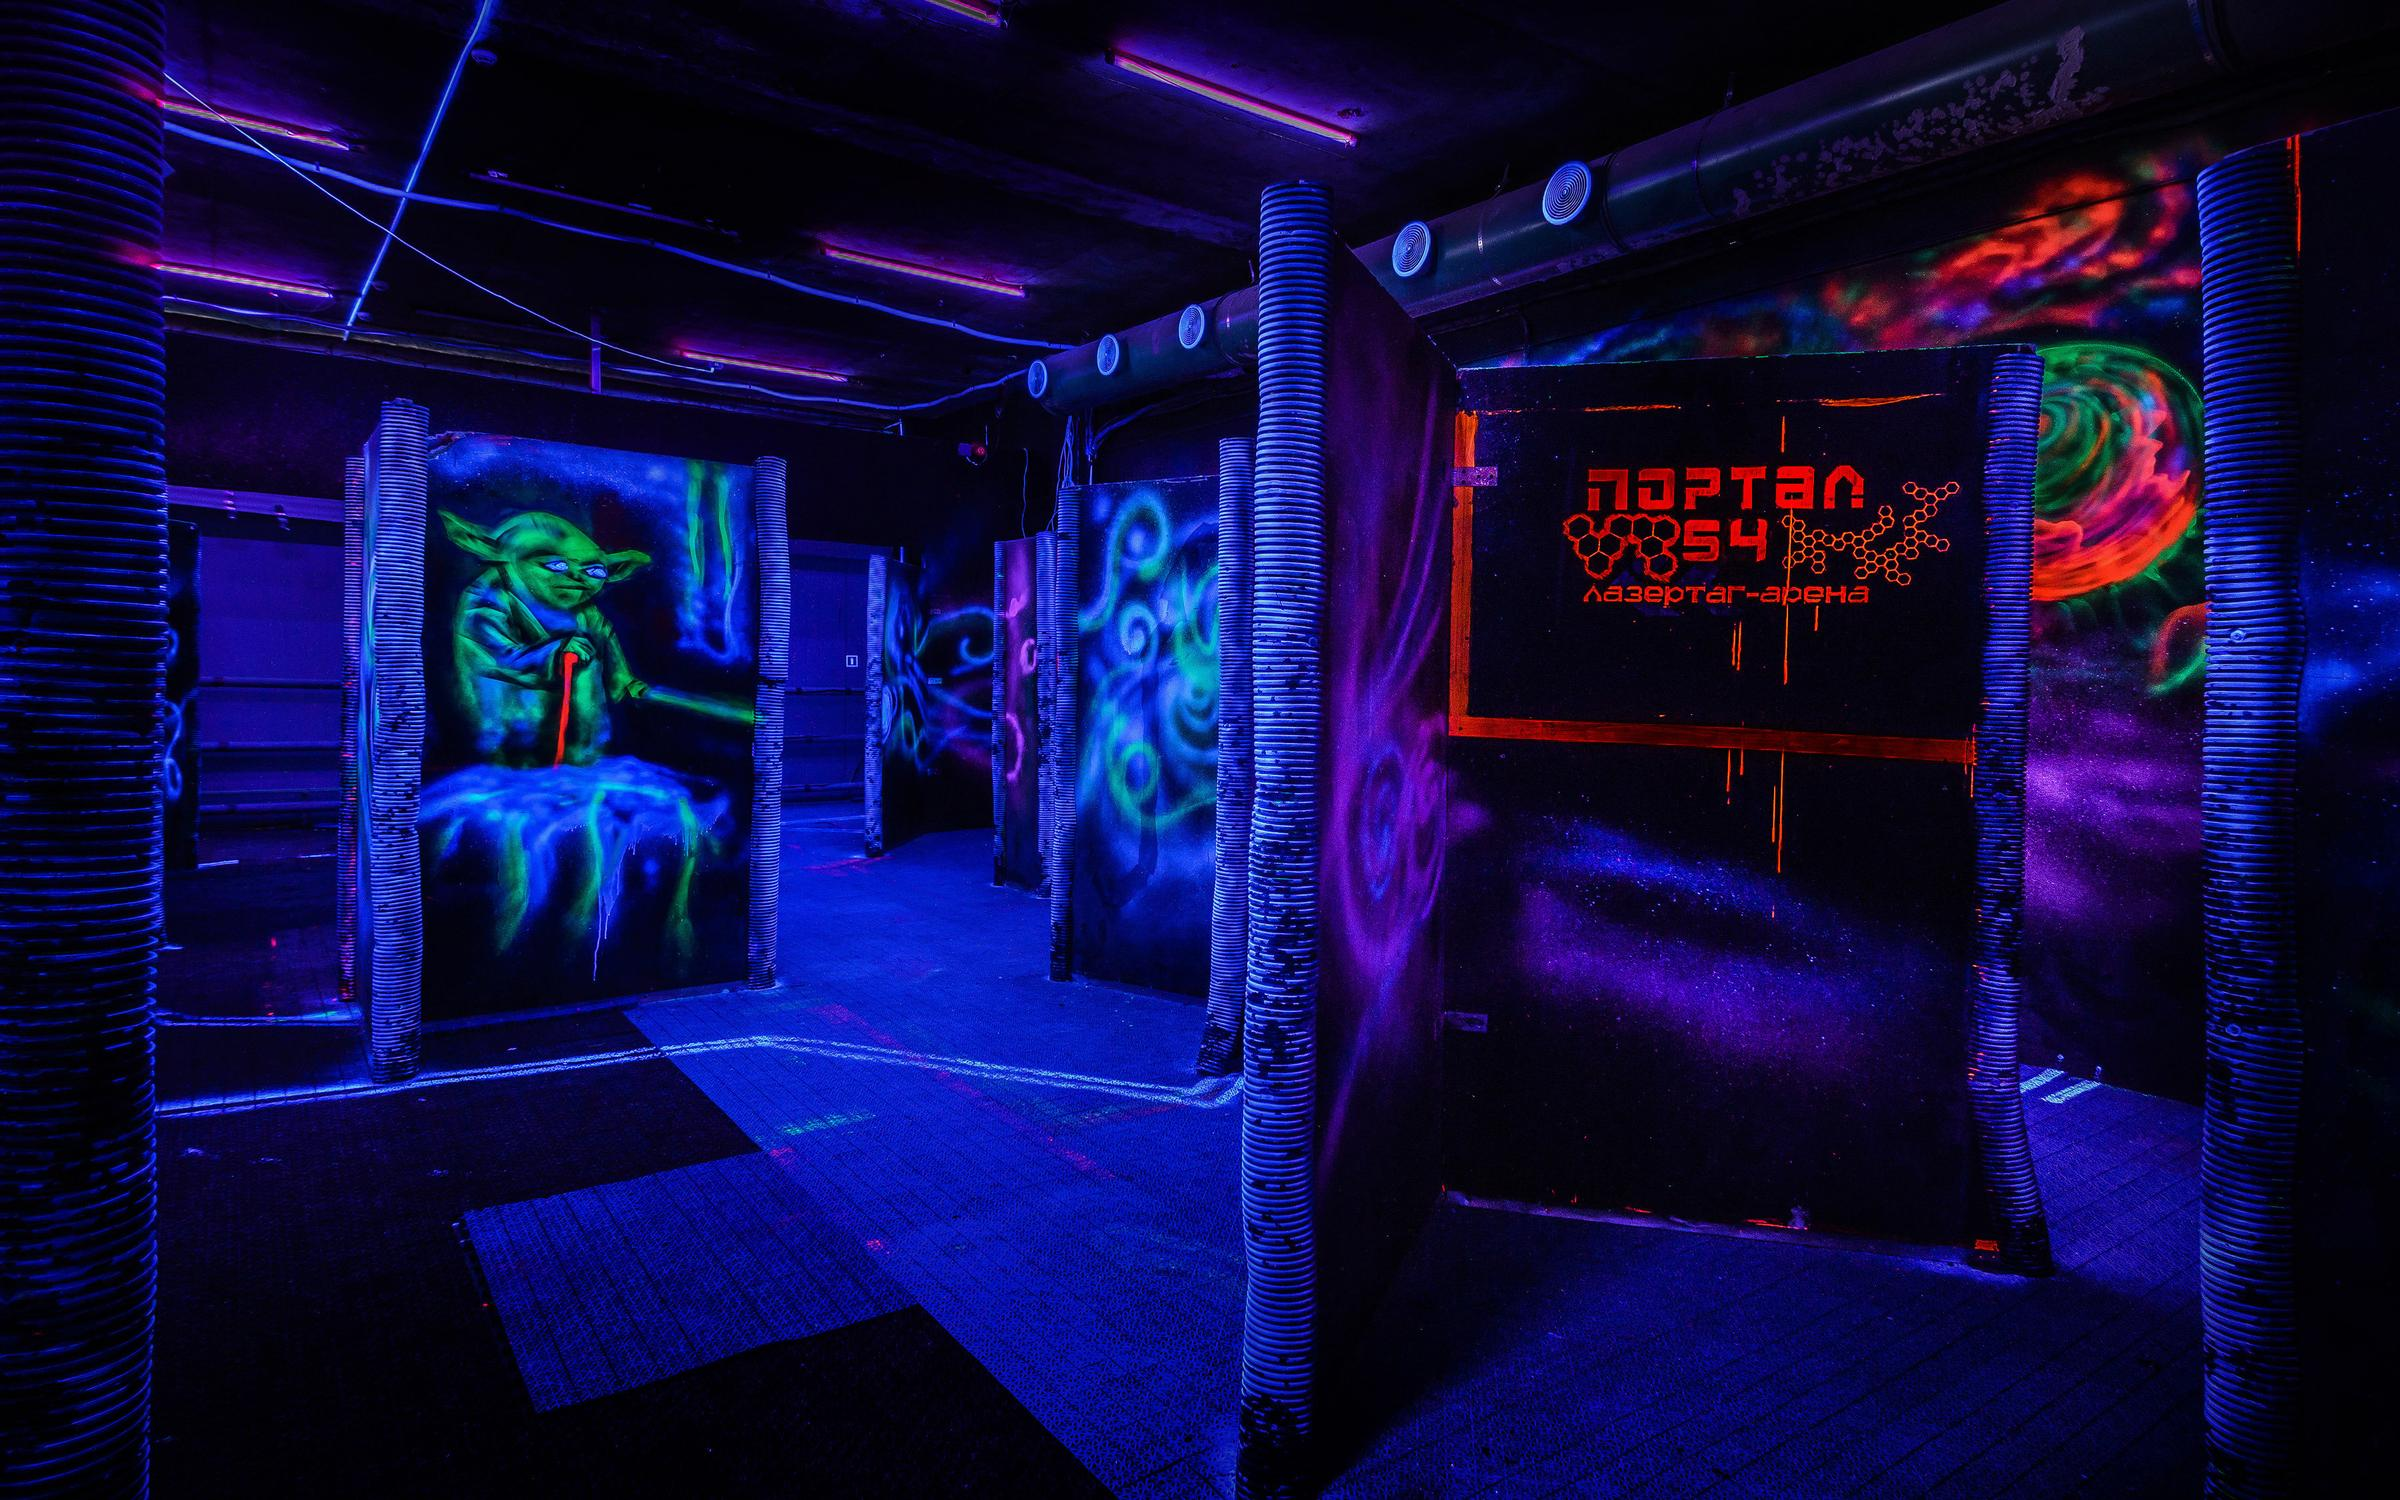 фотография Лазертаг-арены Портал-54